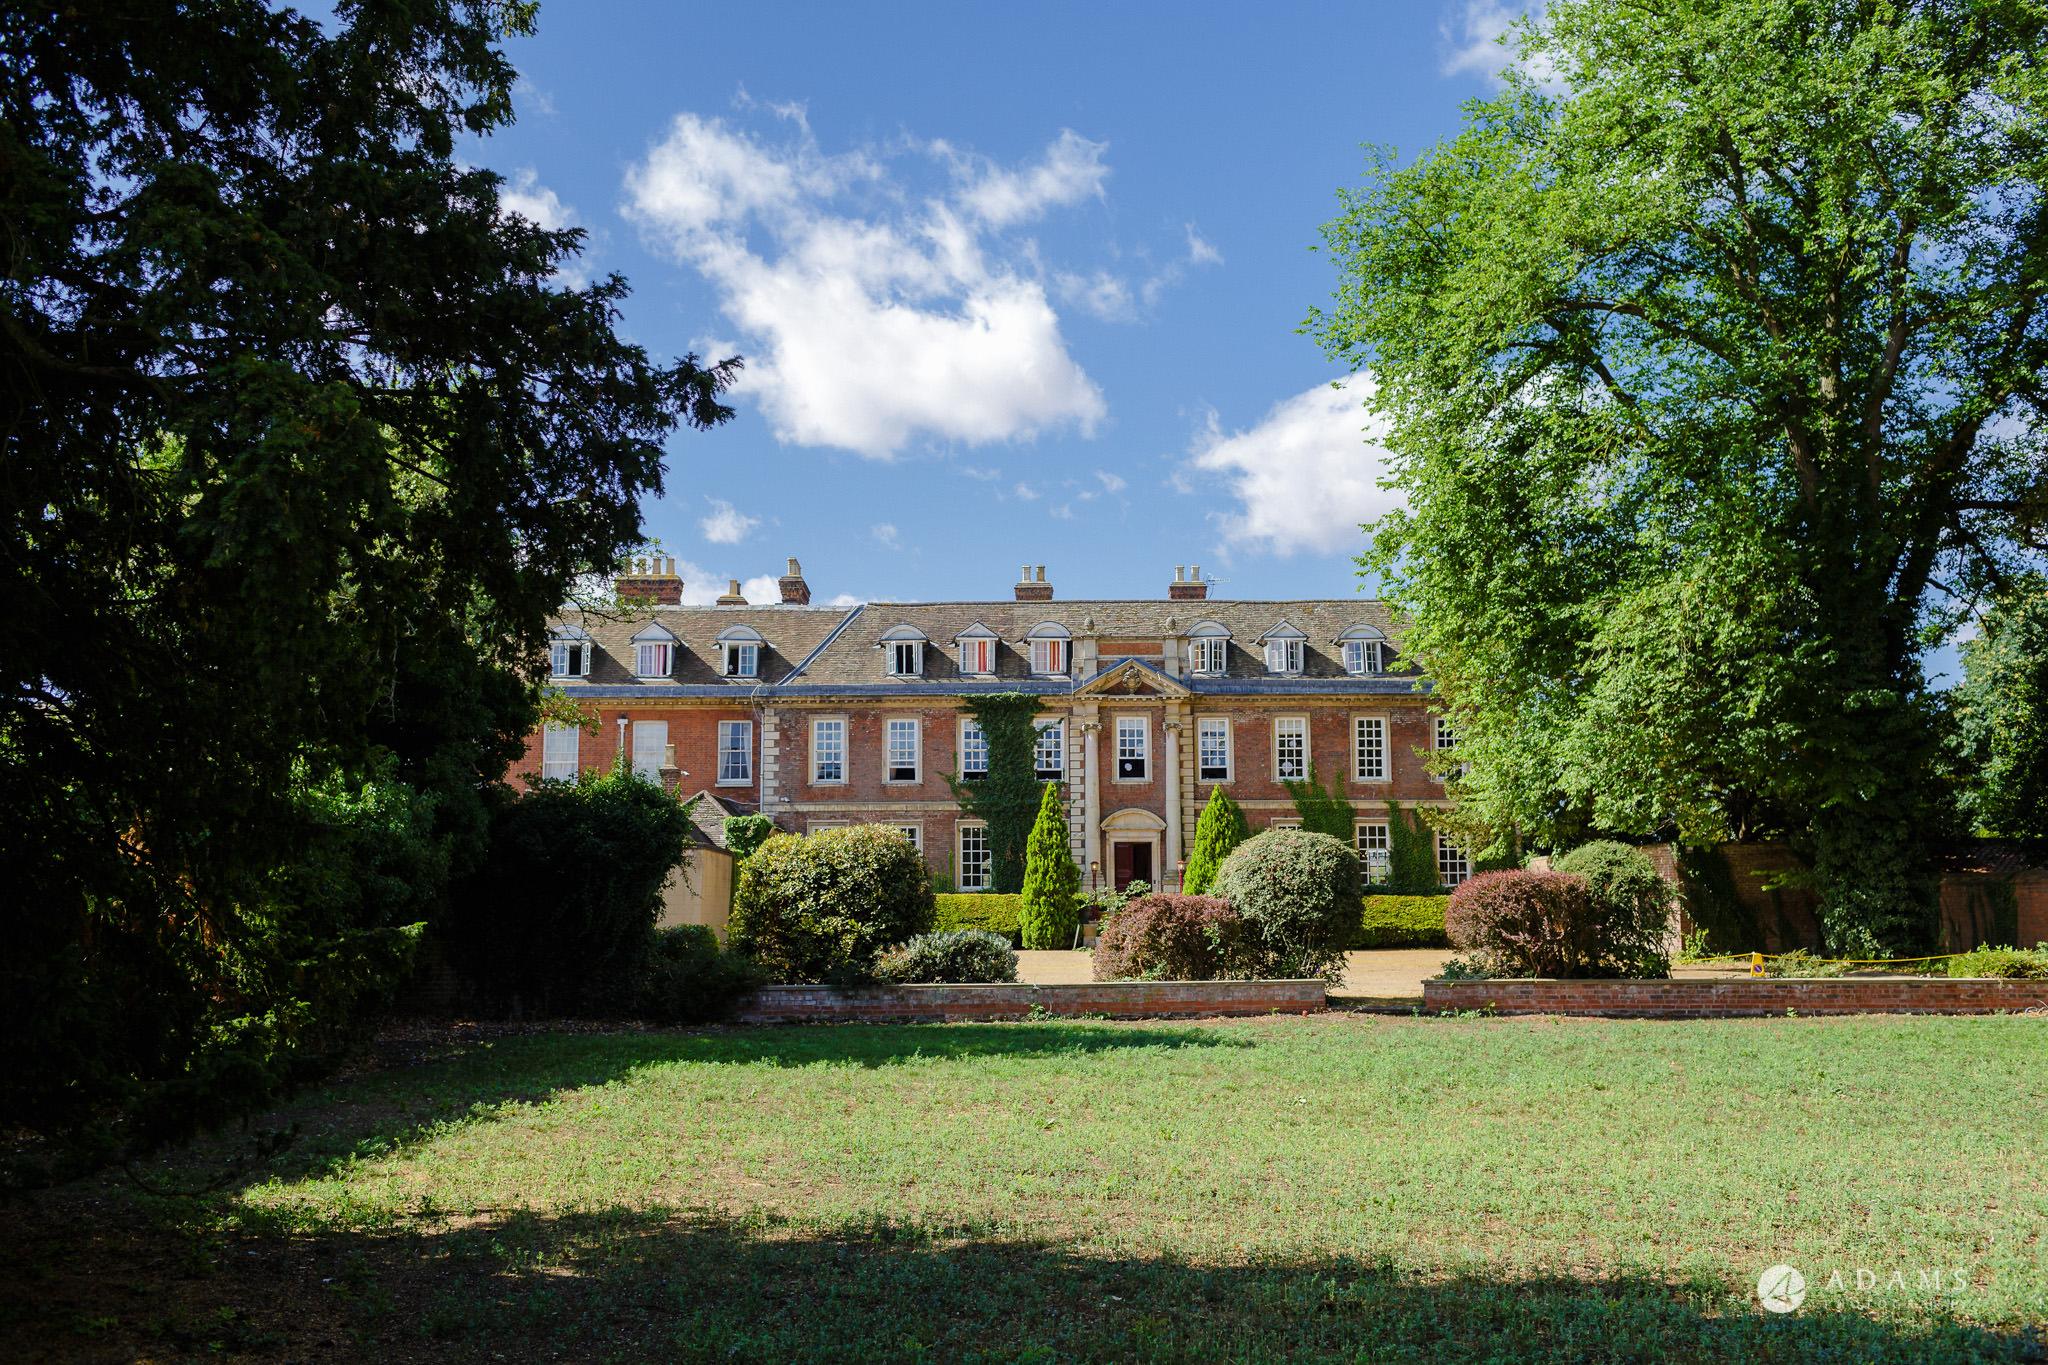 Trinity College Cambridge wedding venue